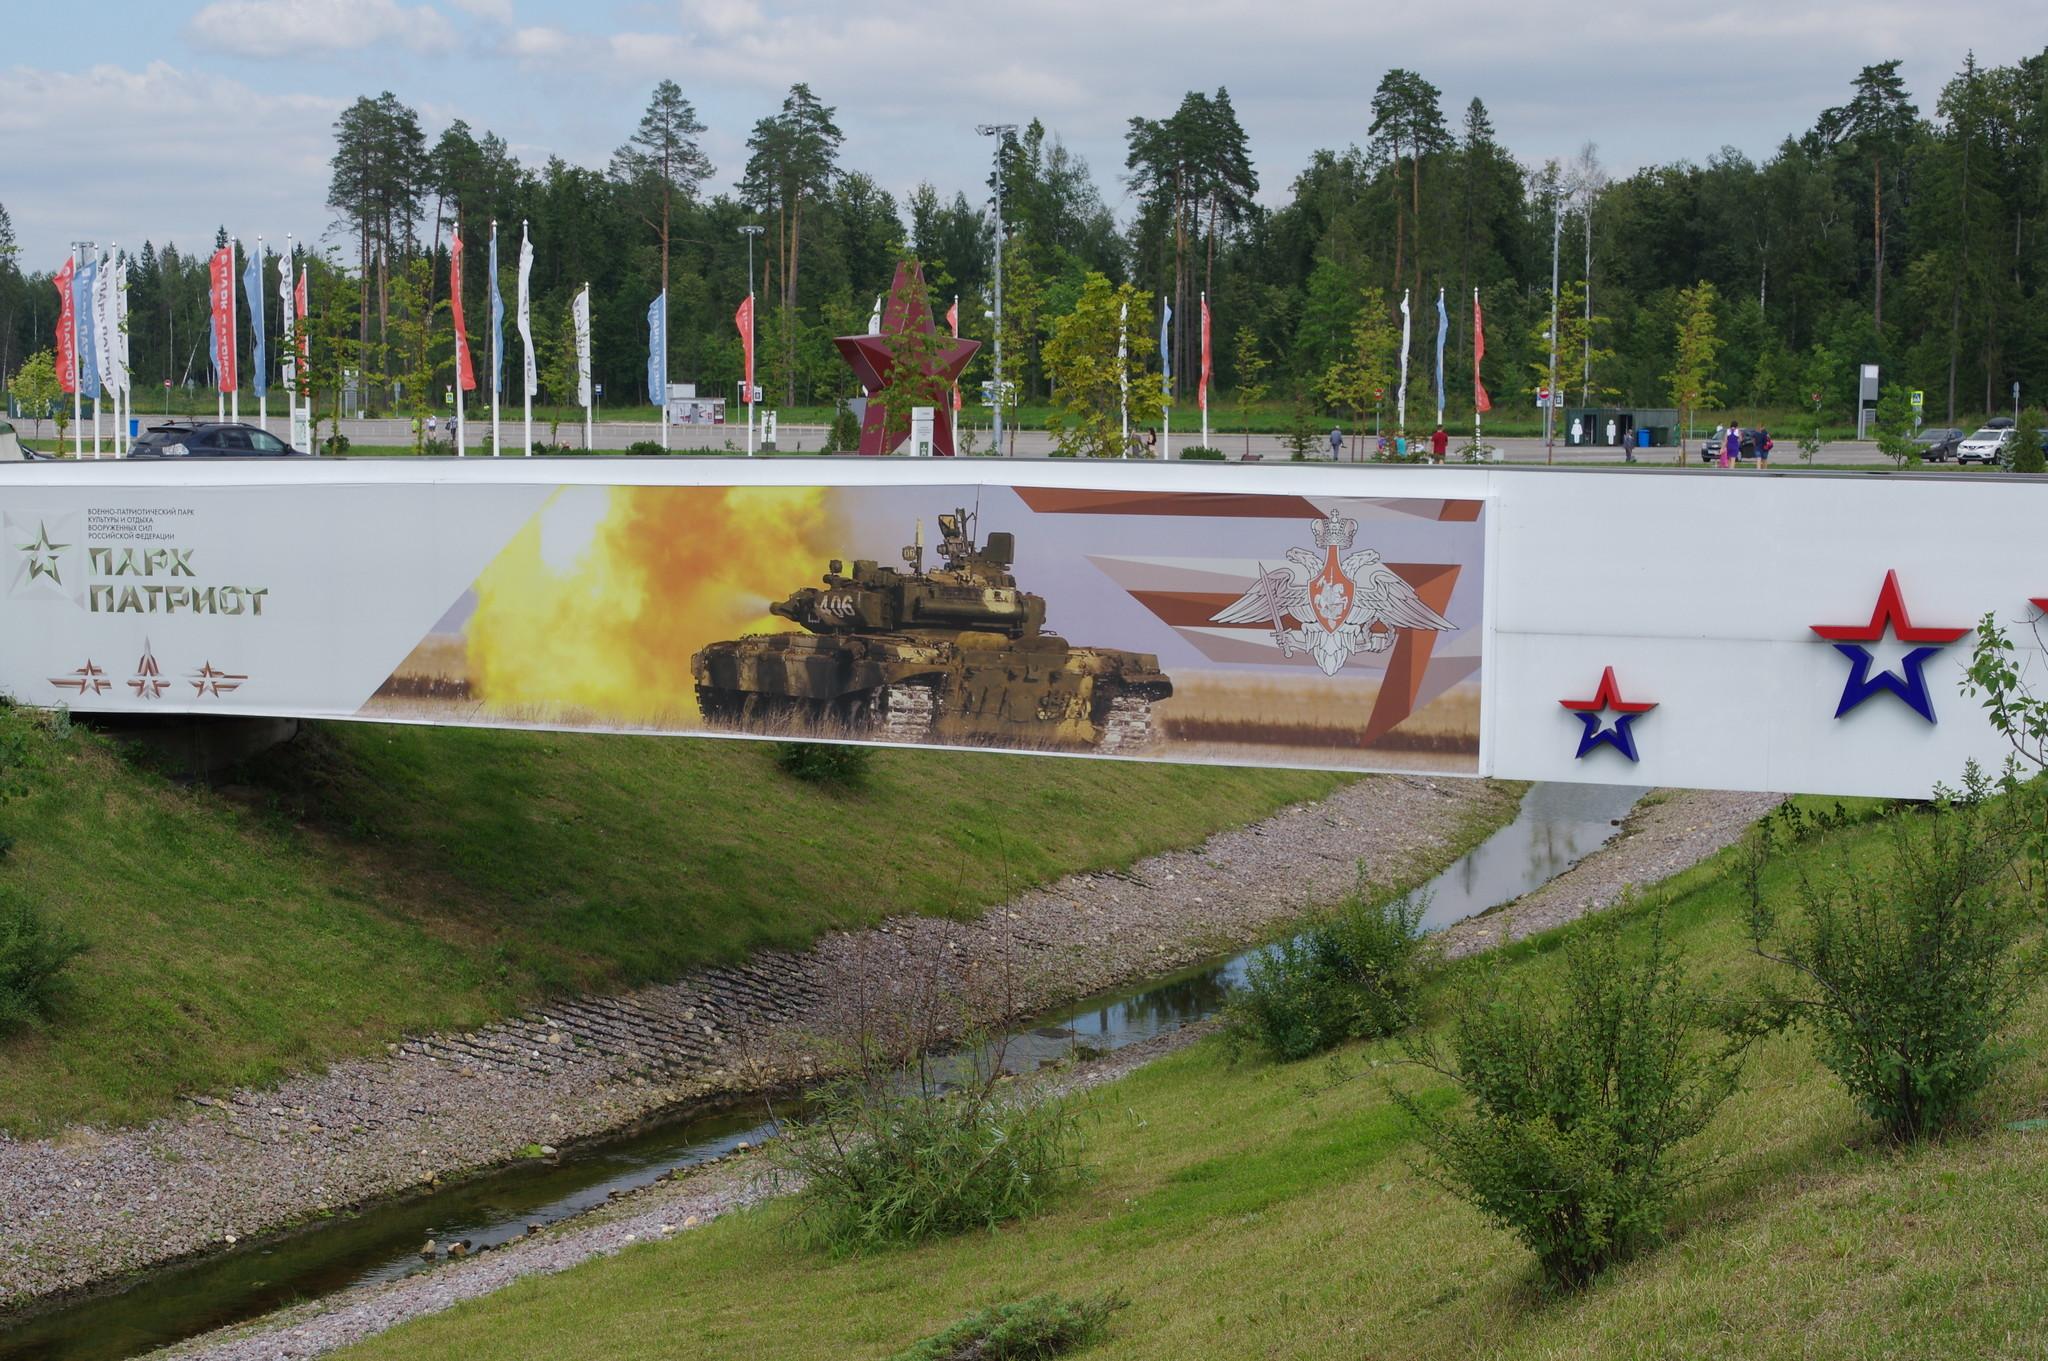 Военно-патриотический парк культуры и отдыха Вооружённых Сил Российской Федерации «Патриот»